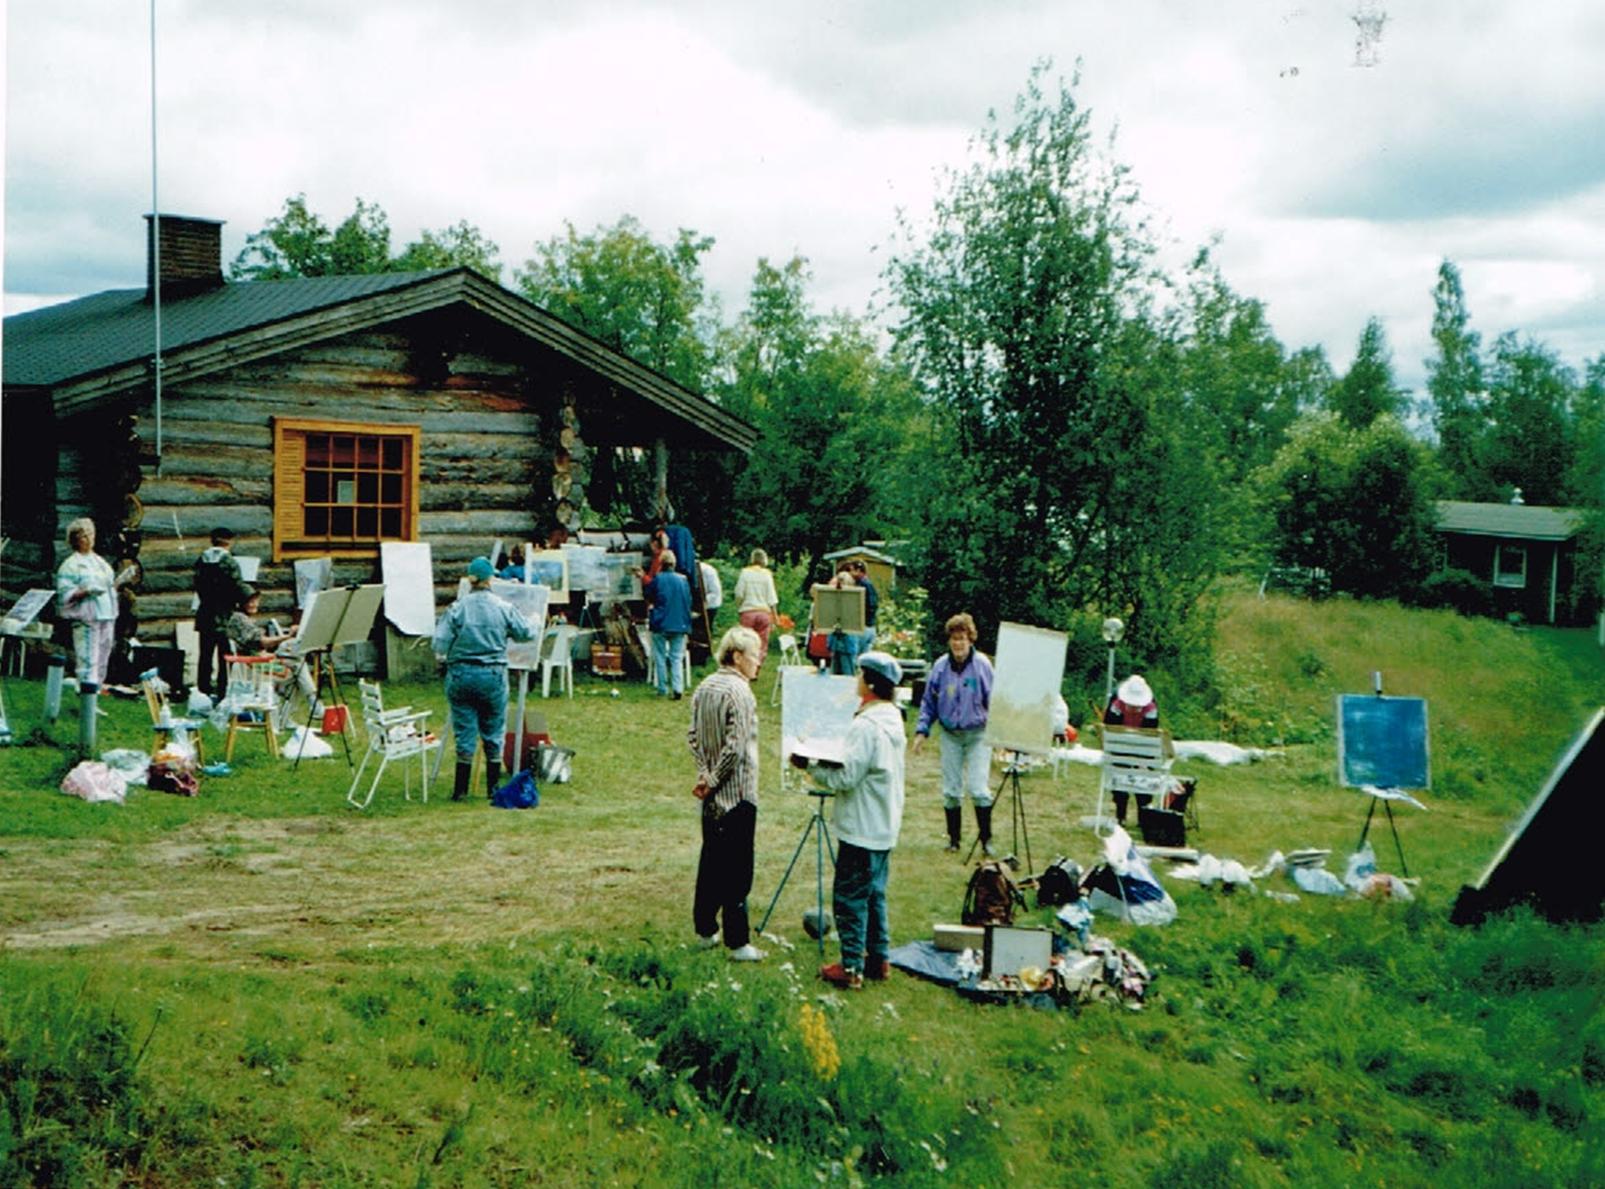 Kurssilaiset 1992 kuva 2.png